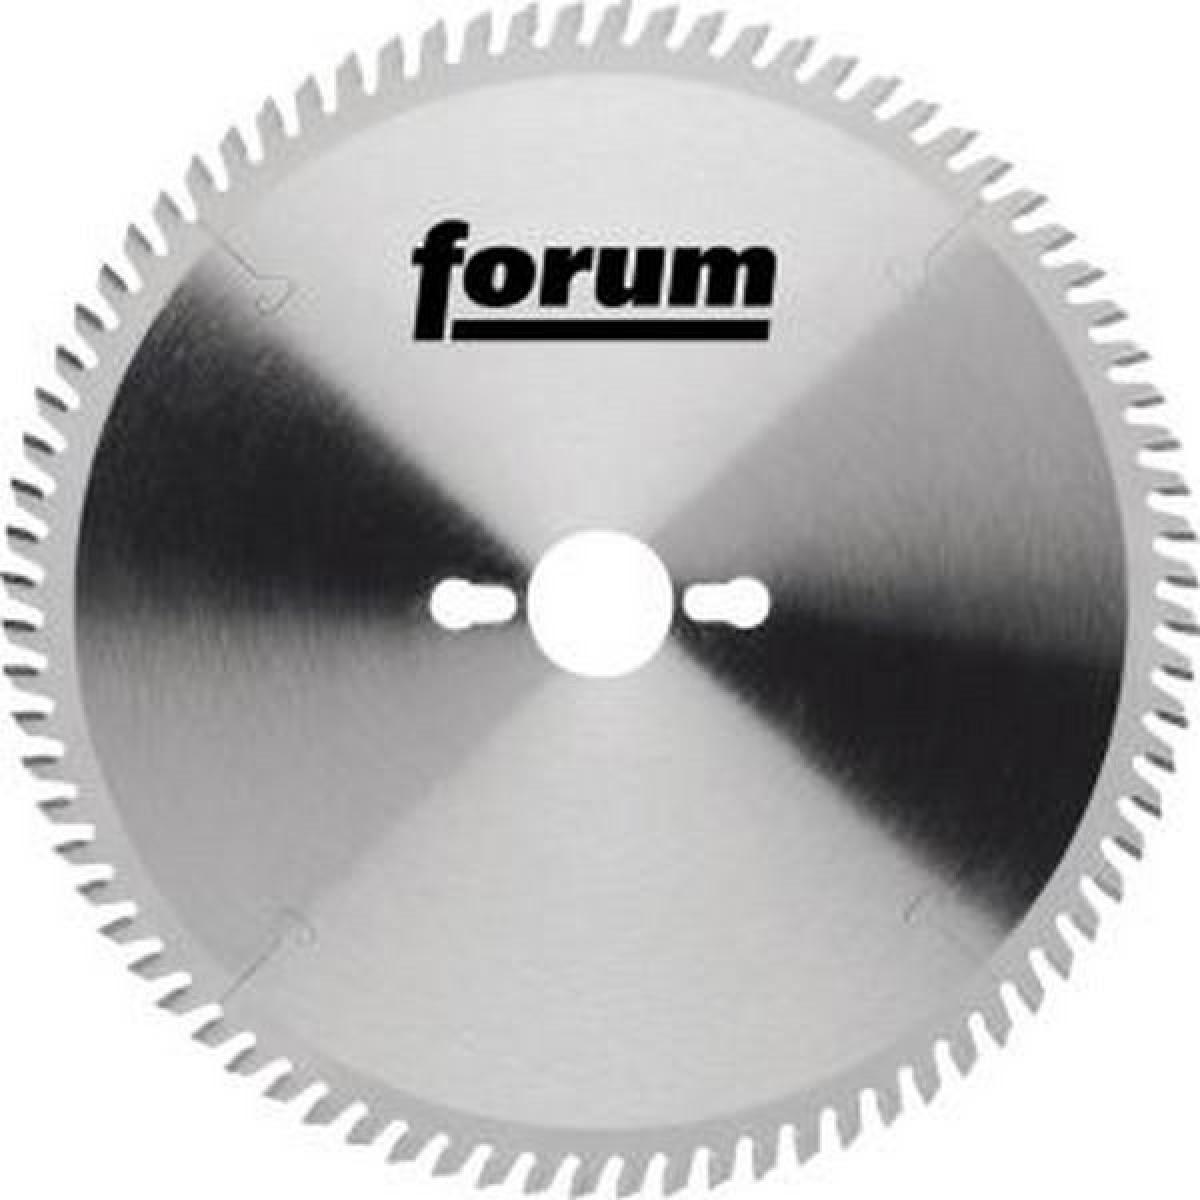 Forum Lame de scie circulaire, Ø : 160 mm, Larg. : 1,6 mm, Alésage 16 mm, Perçages secondaires : -, Dents : 36